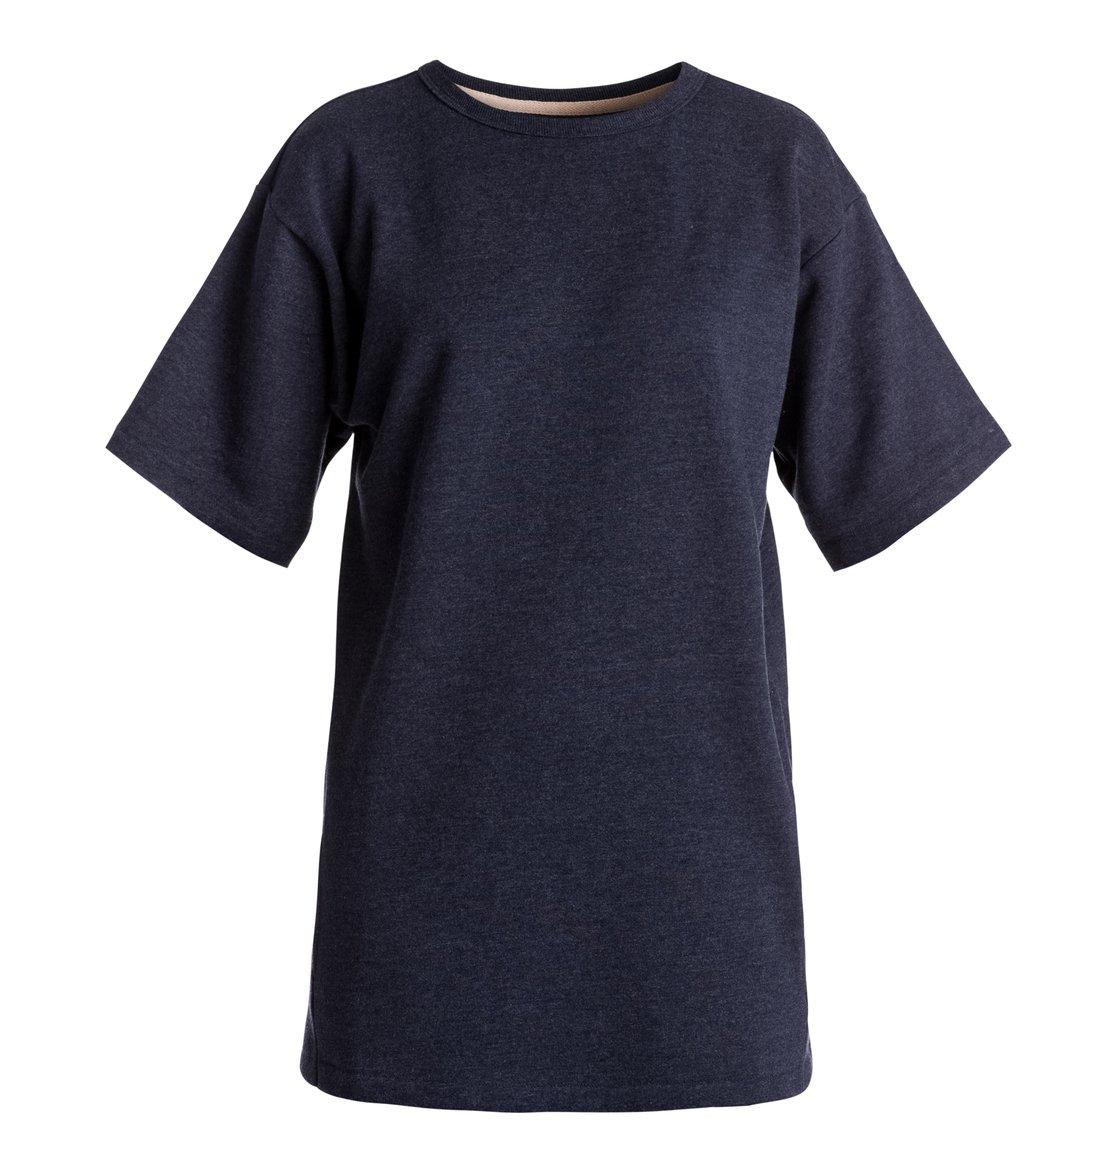 Hillendale - T-shirt Dress